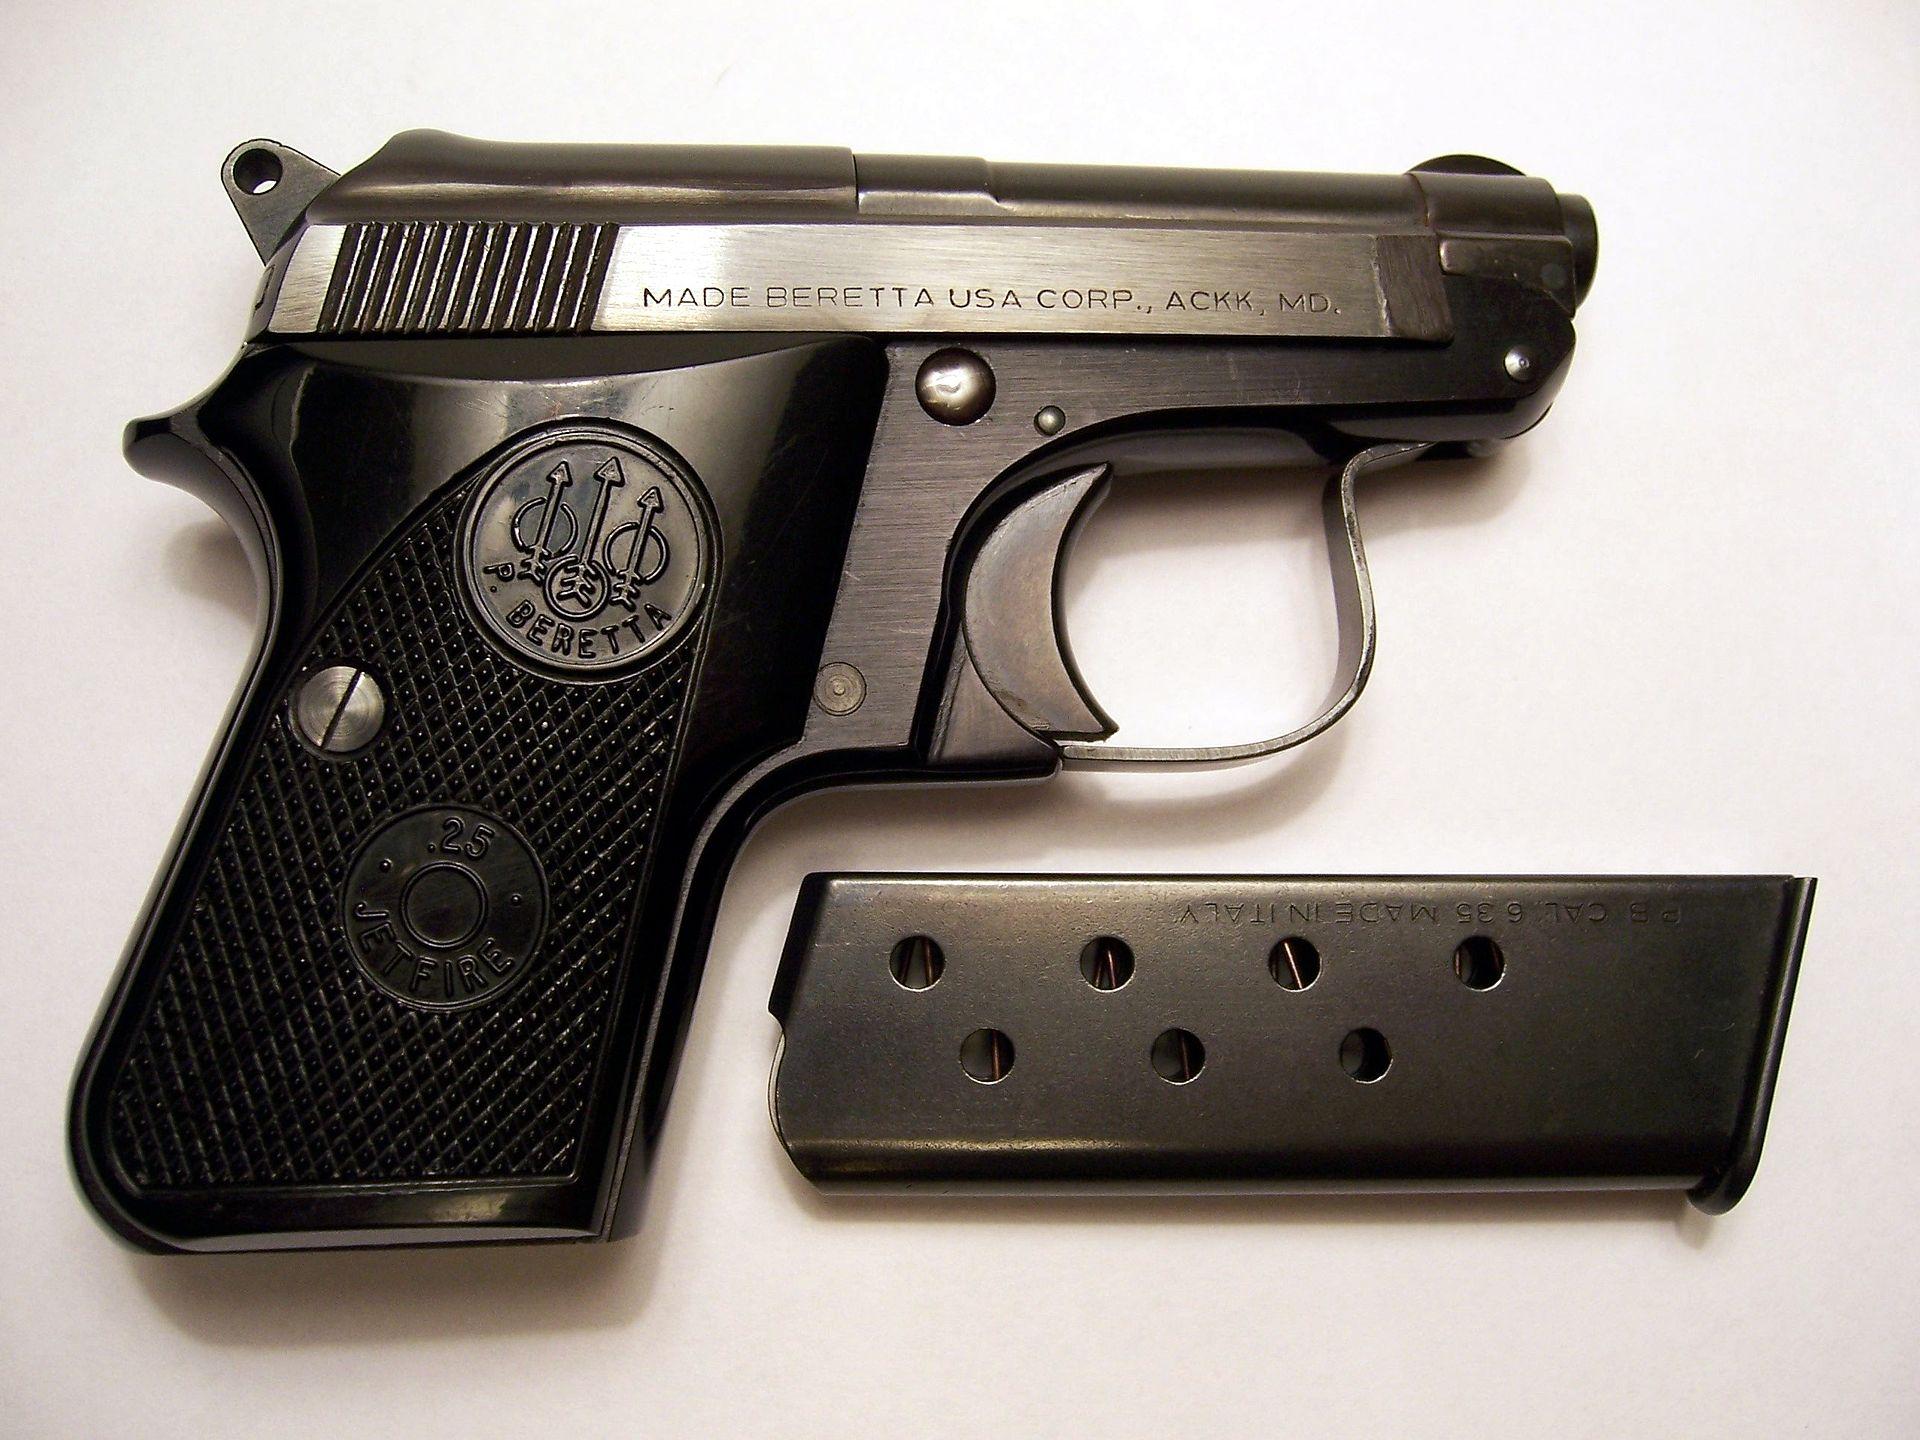 Beretta 950 Wikipedia